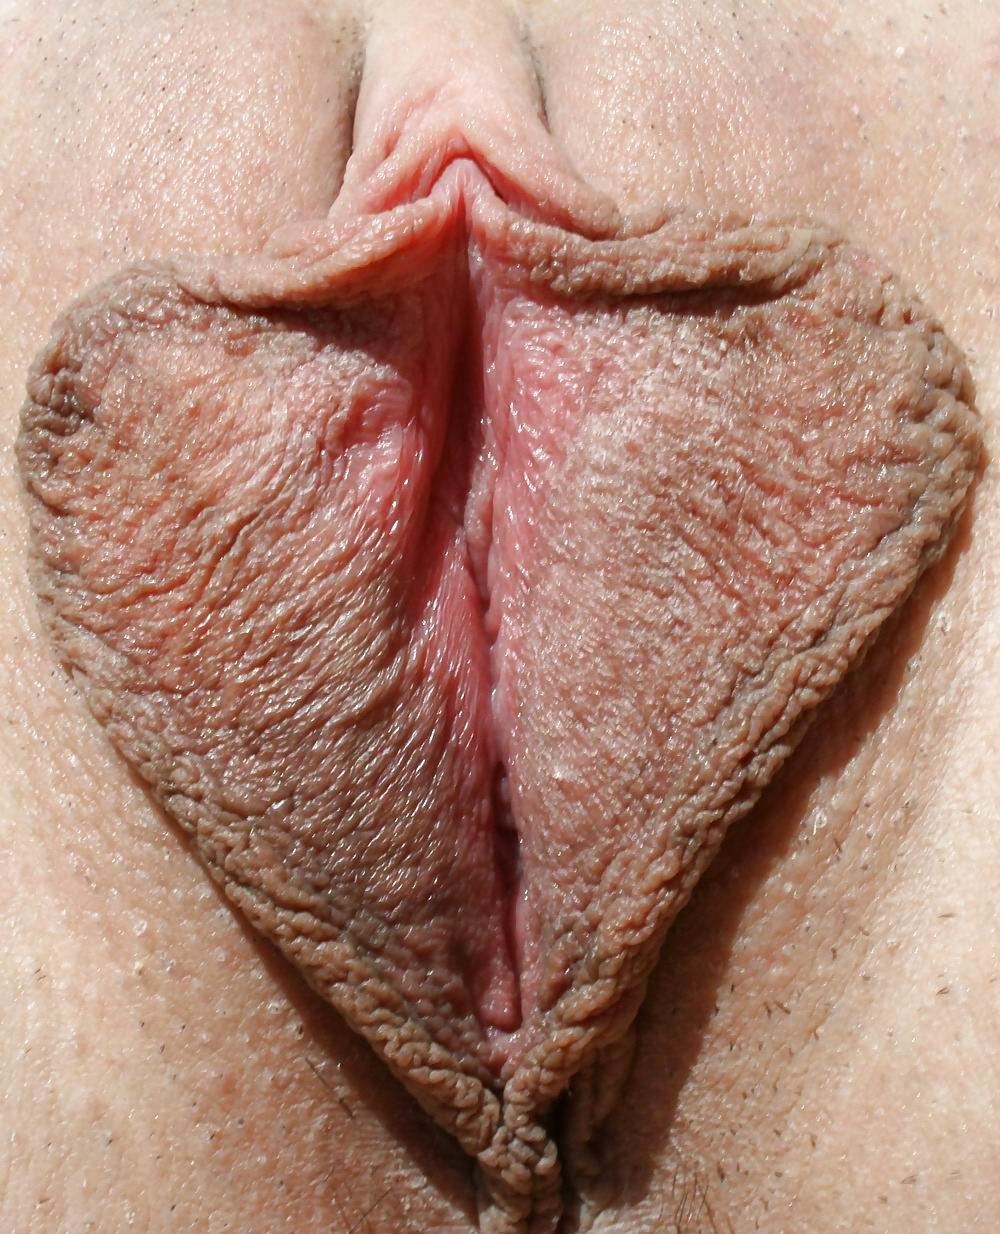 фото половые губы сиповки нашем ресурсе сможете